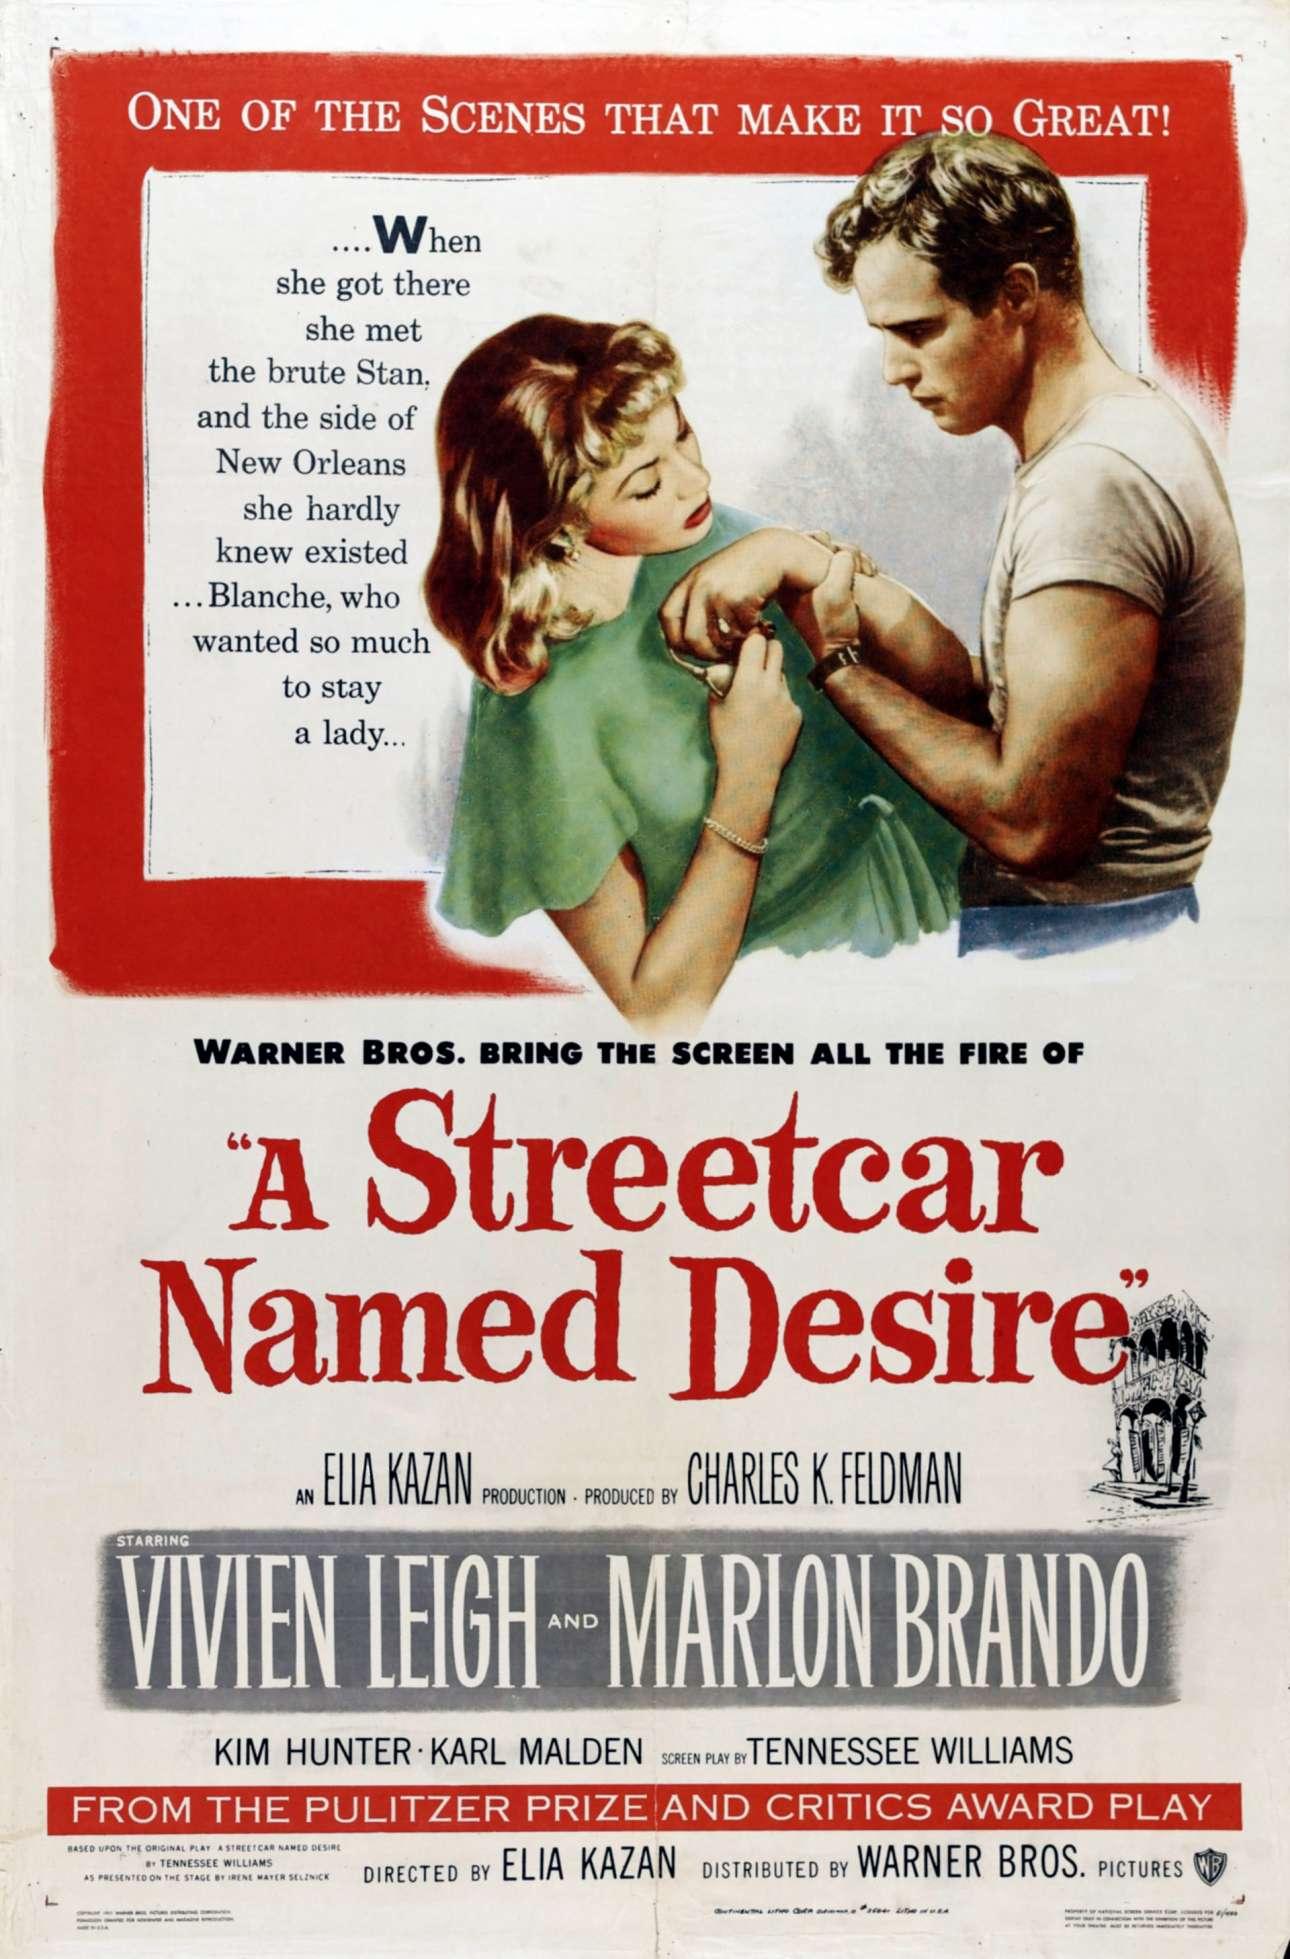 «Λεωφορείον ο Πόθος», 1951. «Ο σκοπός μου είναι να 'πουλήσω' την ταινία, να προσελκύσω ένα κοινό να την δει μέσα από μια αποκαλυπτική και εντυπωσιακή απεικόνιση και τυπογραφία. Να προκαλέσω ενδιαφέρον για την «ιστορία» της ταινίας είναι αυτό που μπορώ να κάνω καλύτερα»